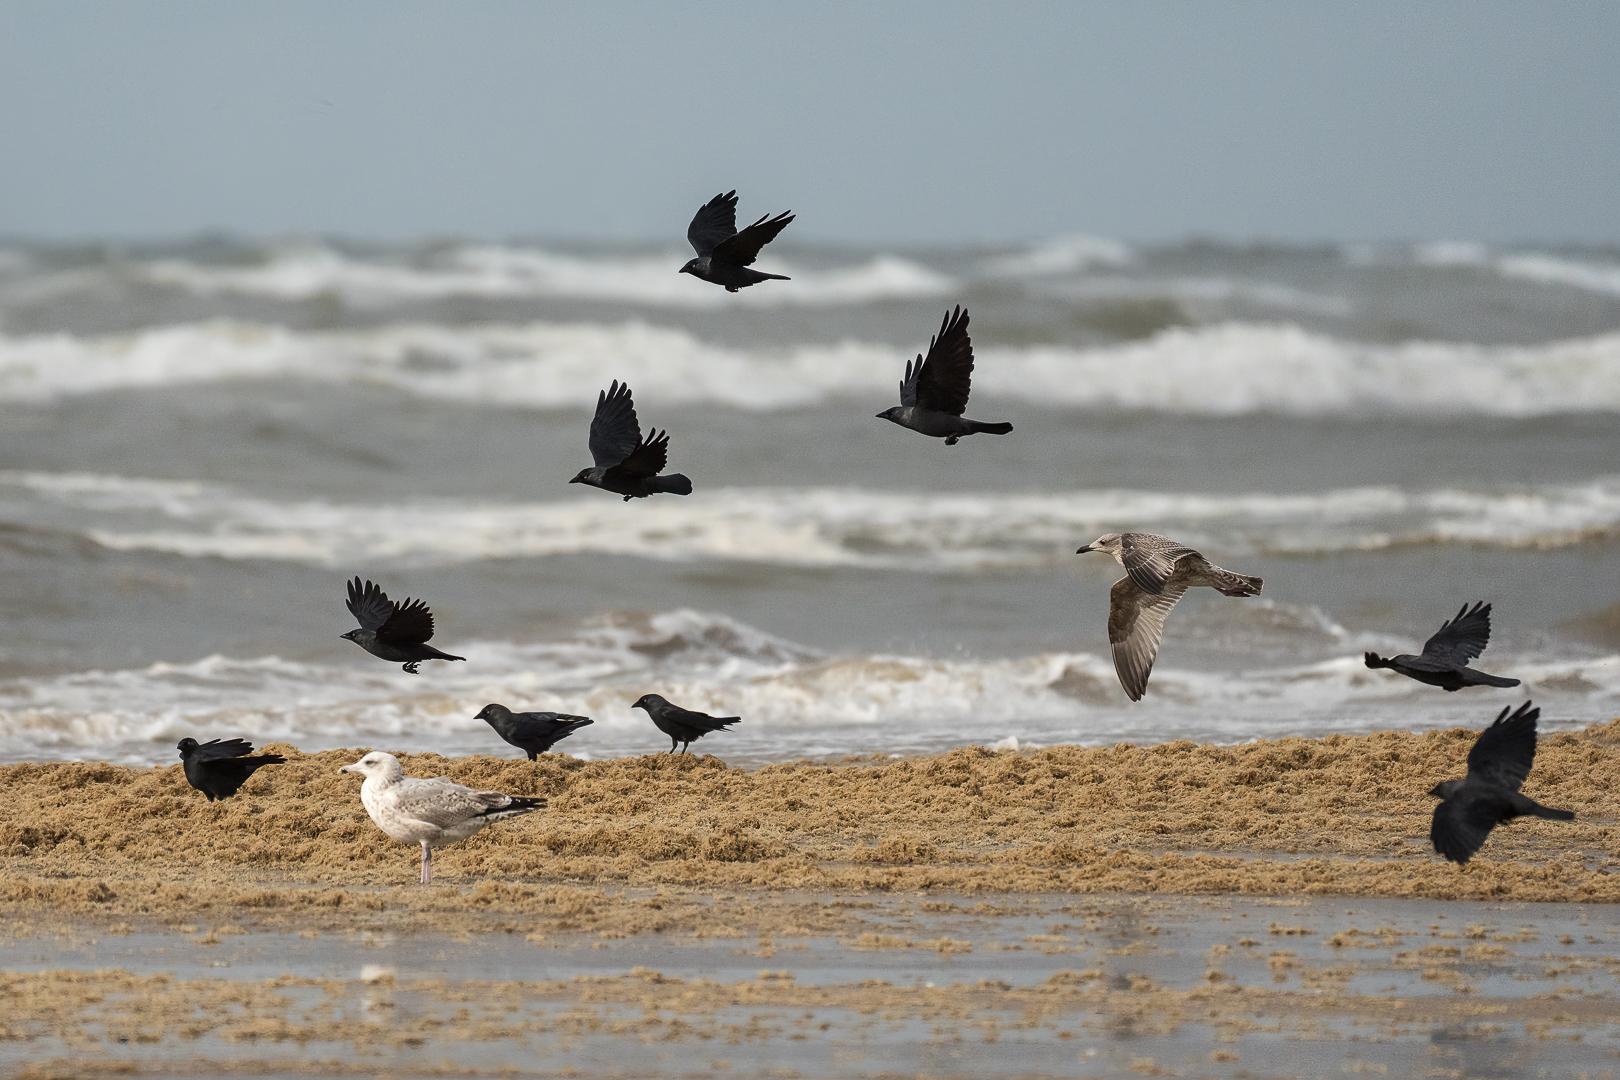 Kauwtjes,Corvus monedula, Del de Natuur, Loes Belovics